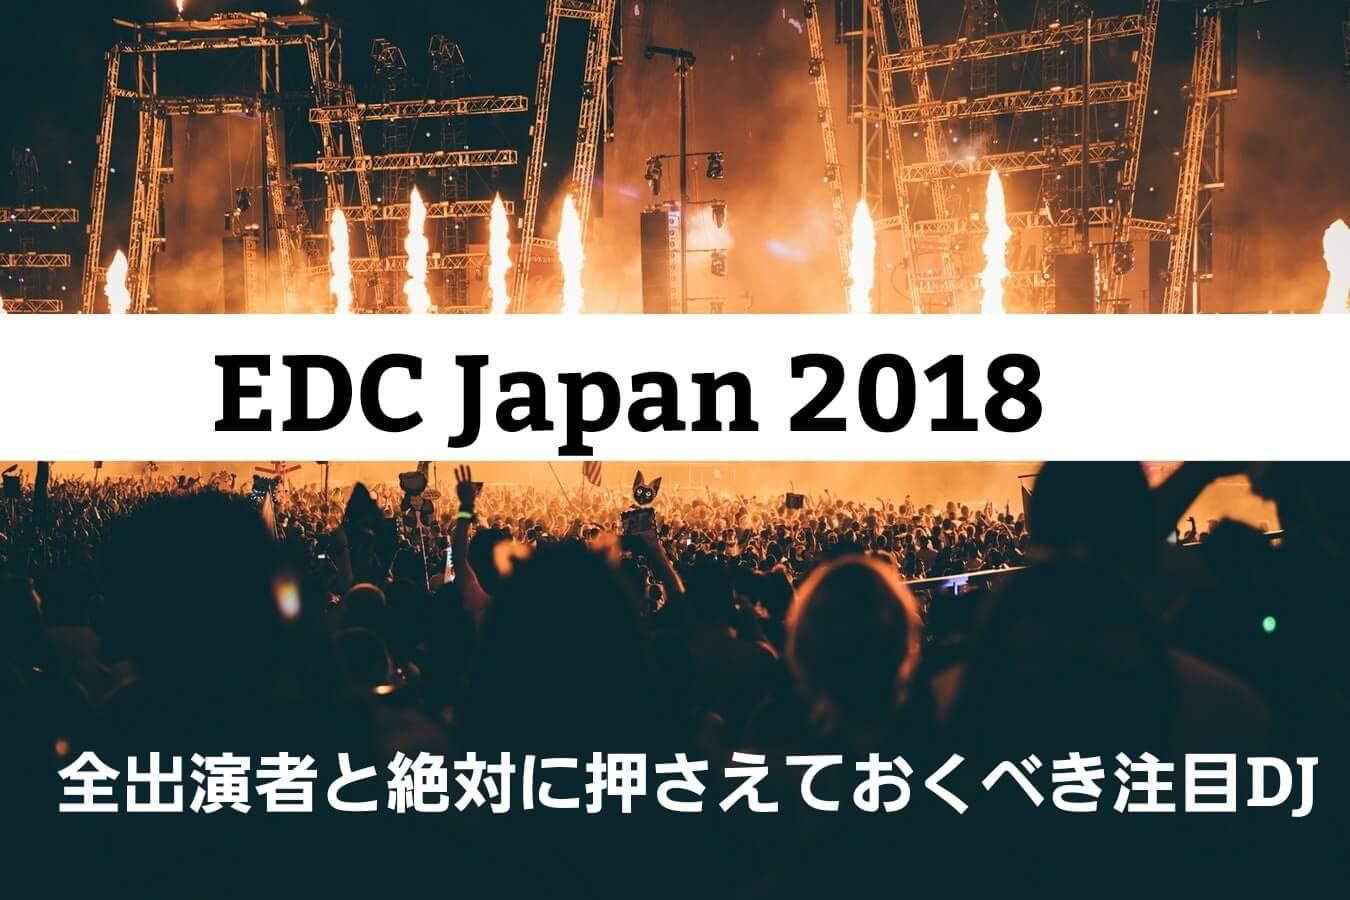 EDC Japan 2018の出演アーティストが決定!絶対に抑えておきたい注目DJとは?